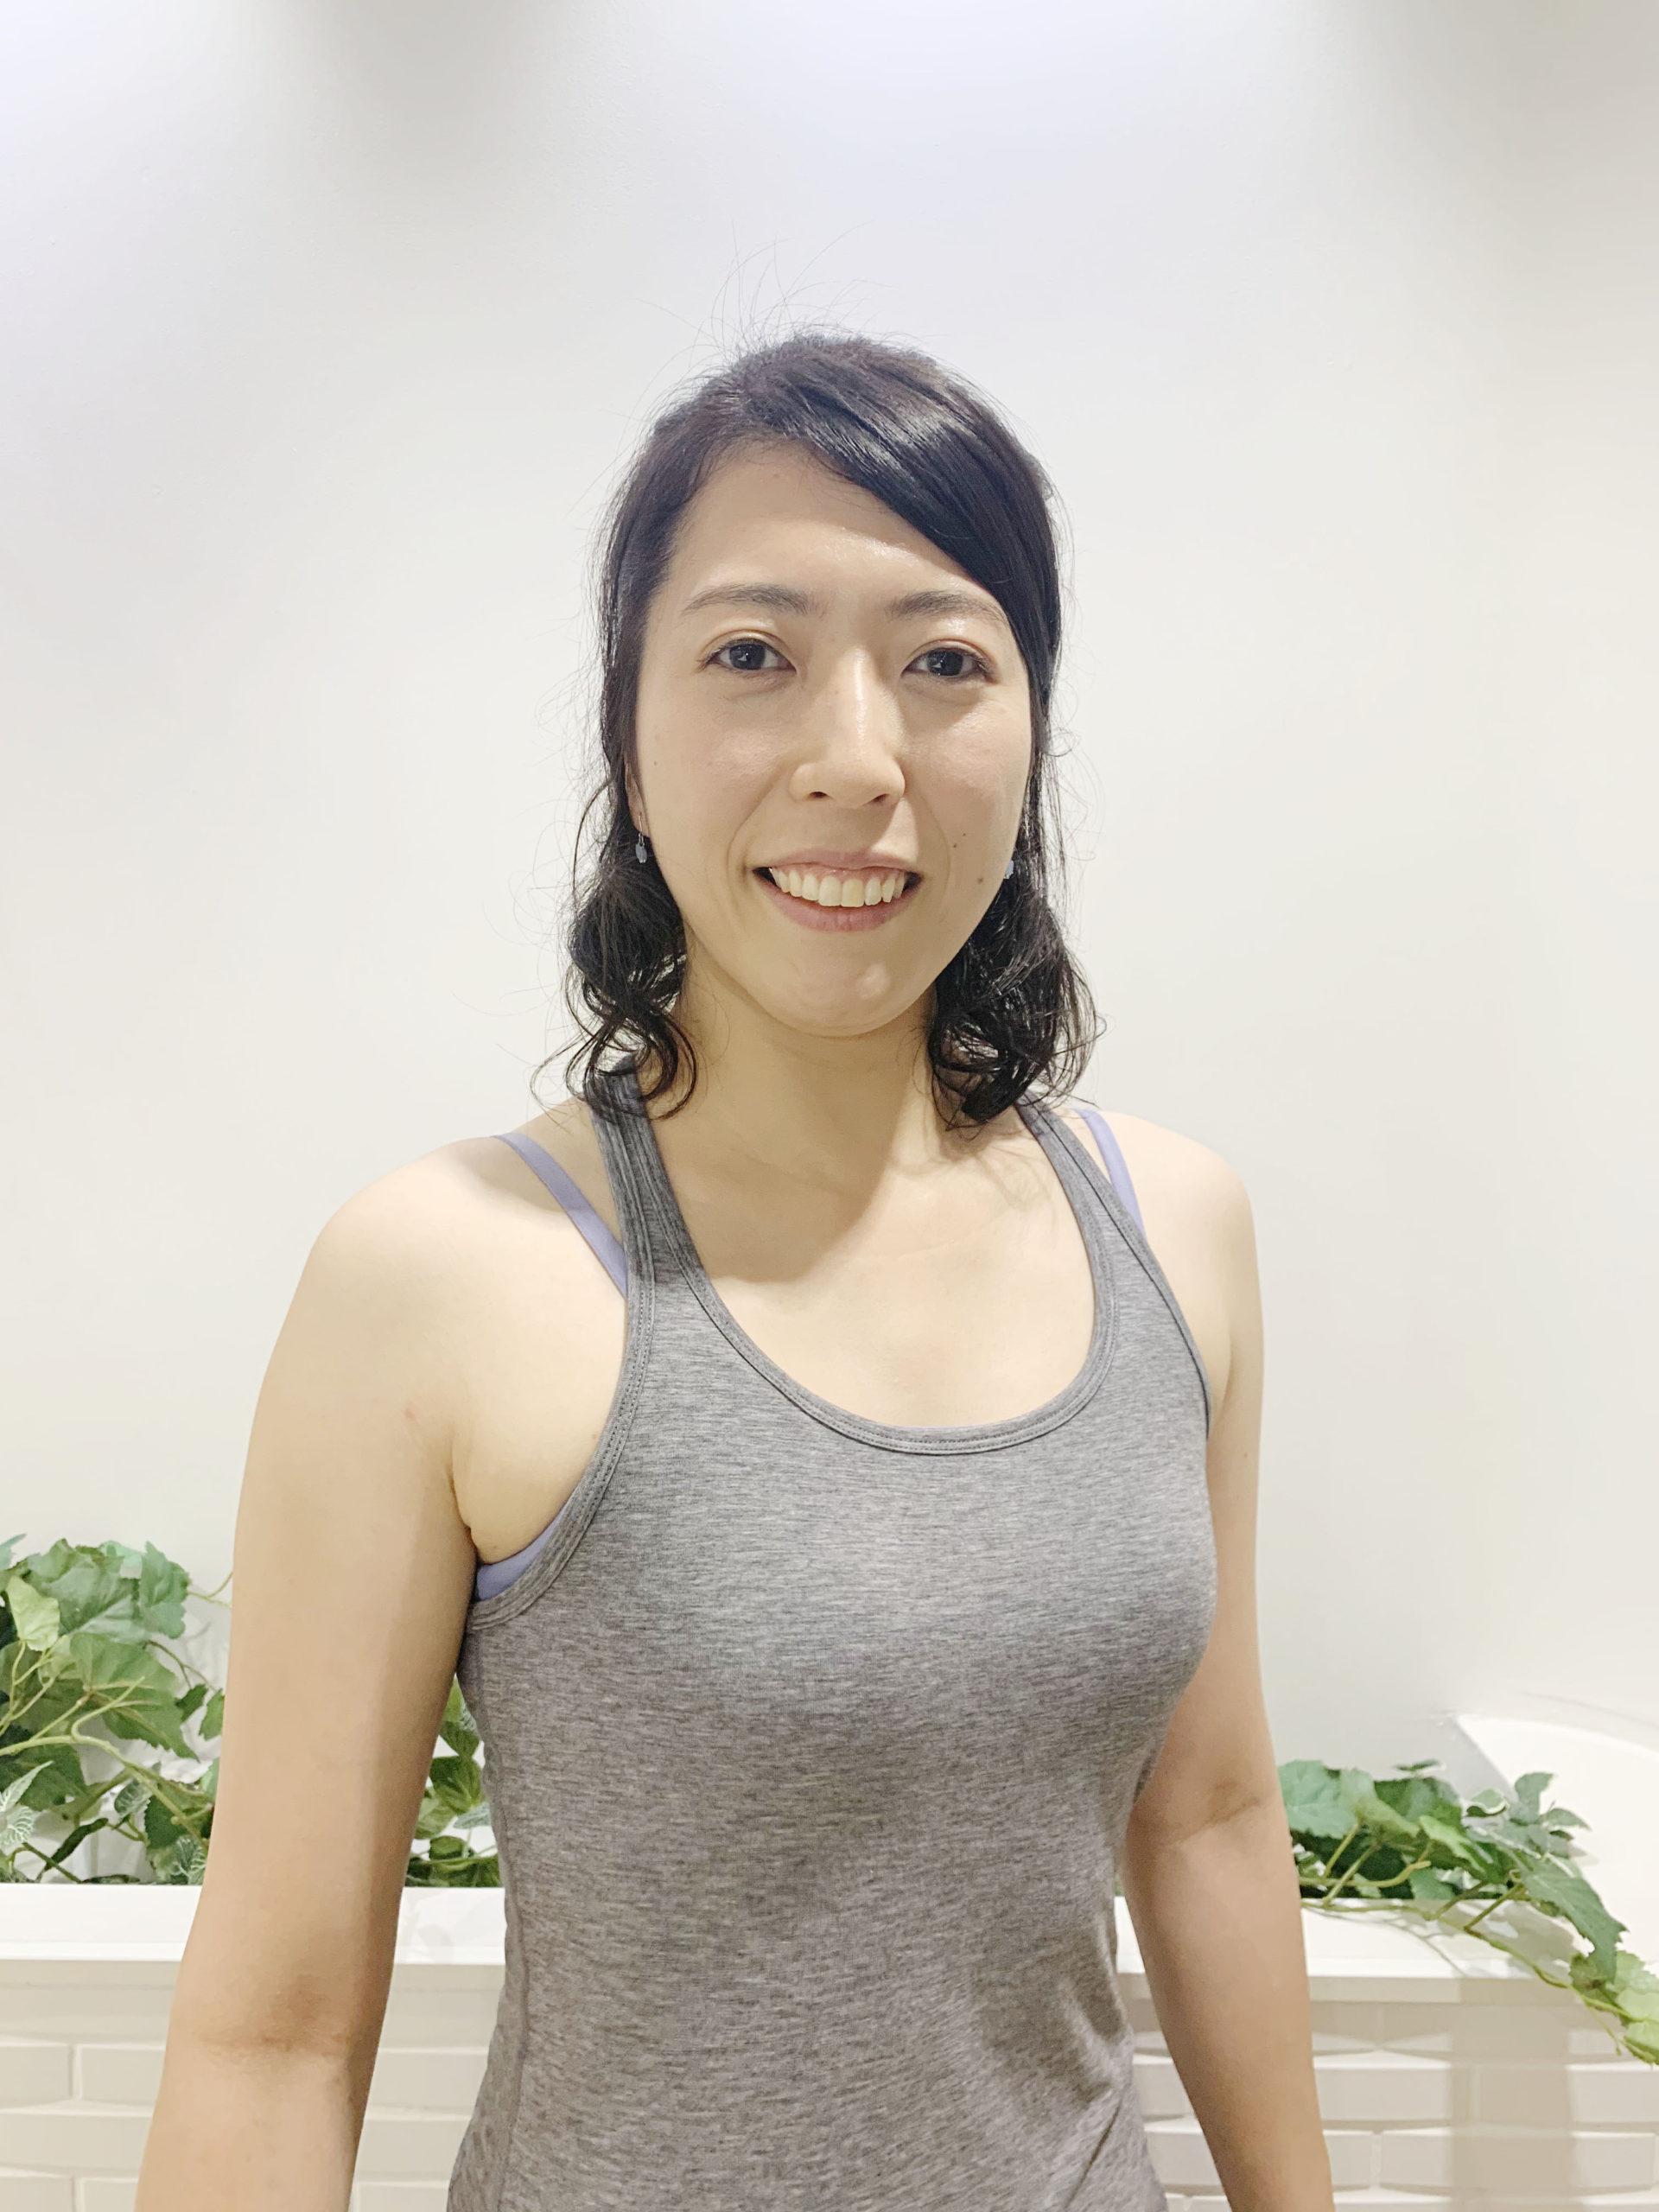 鎌田 実沙